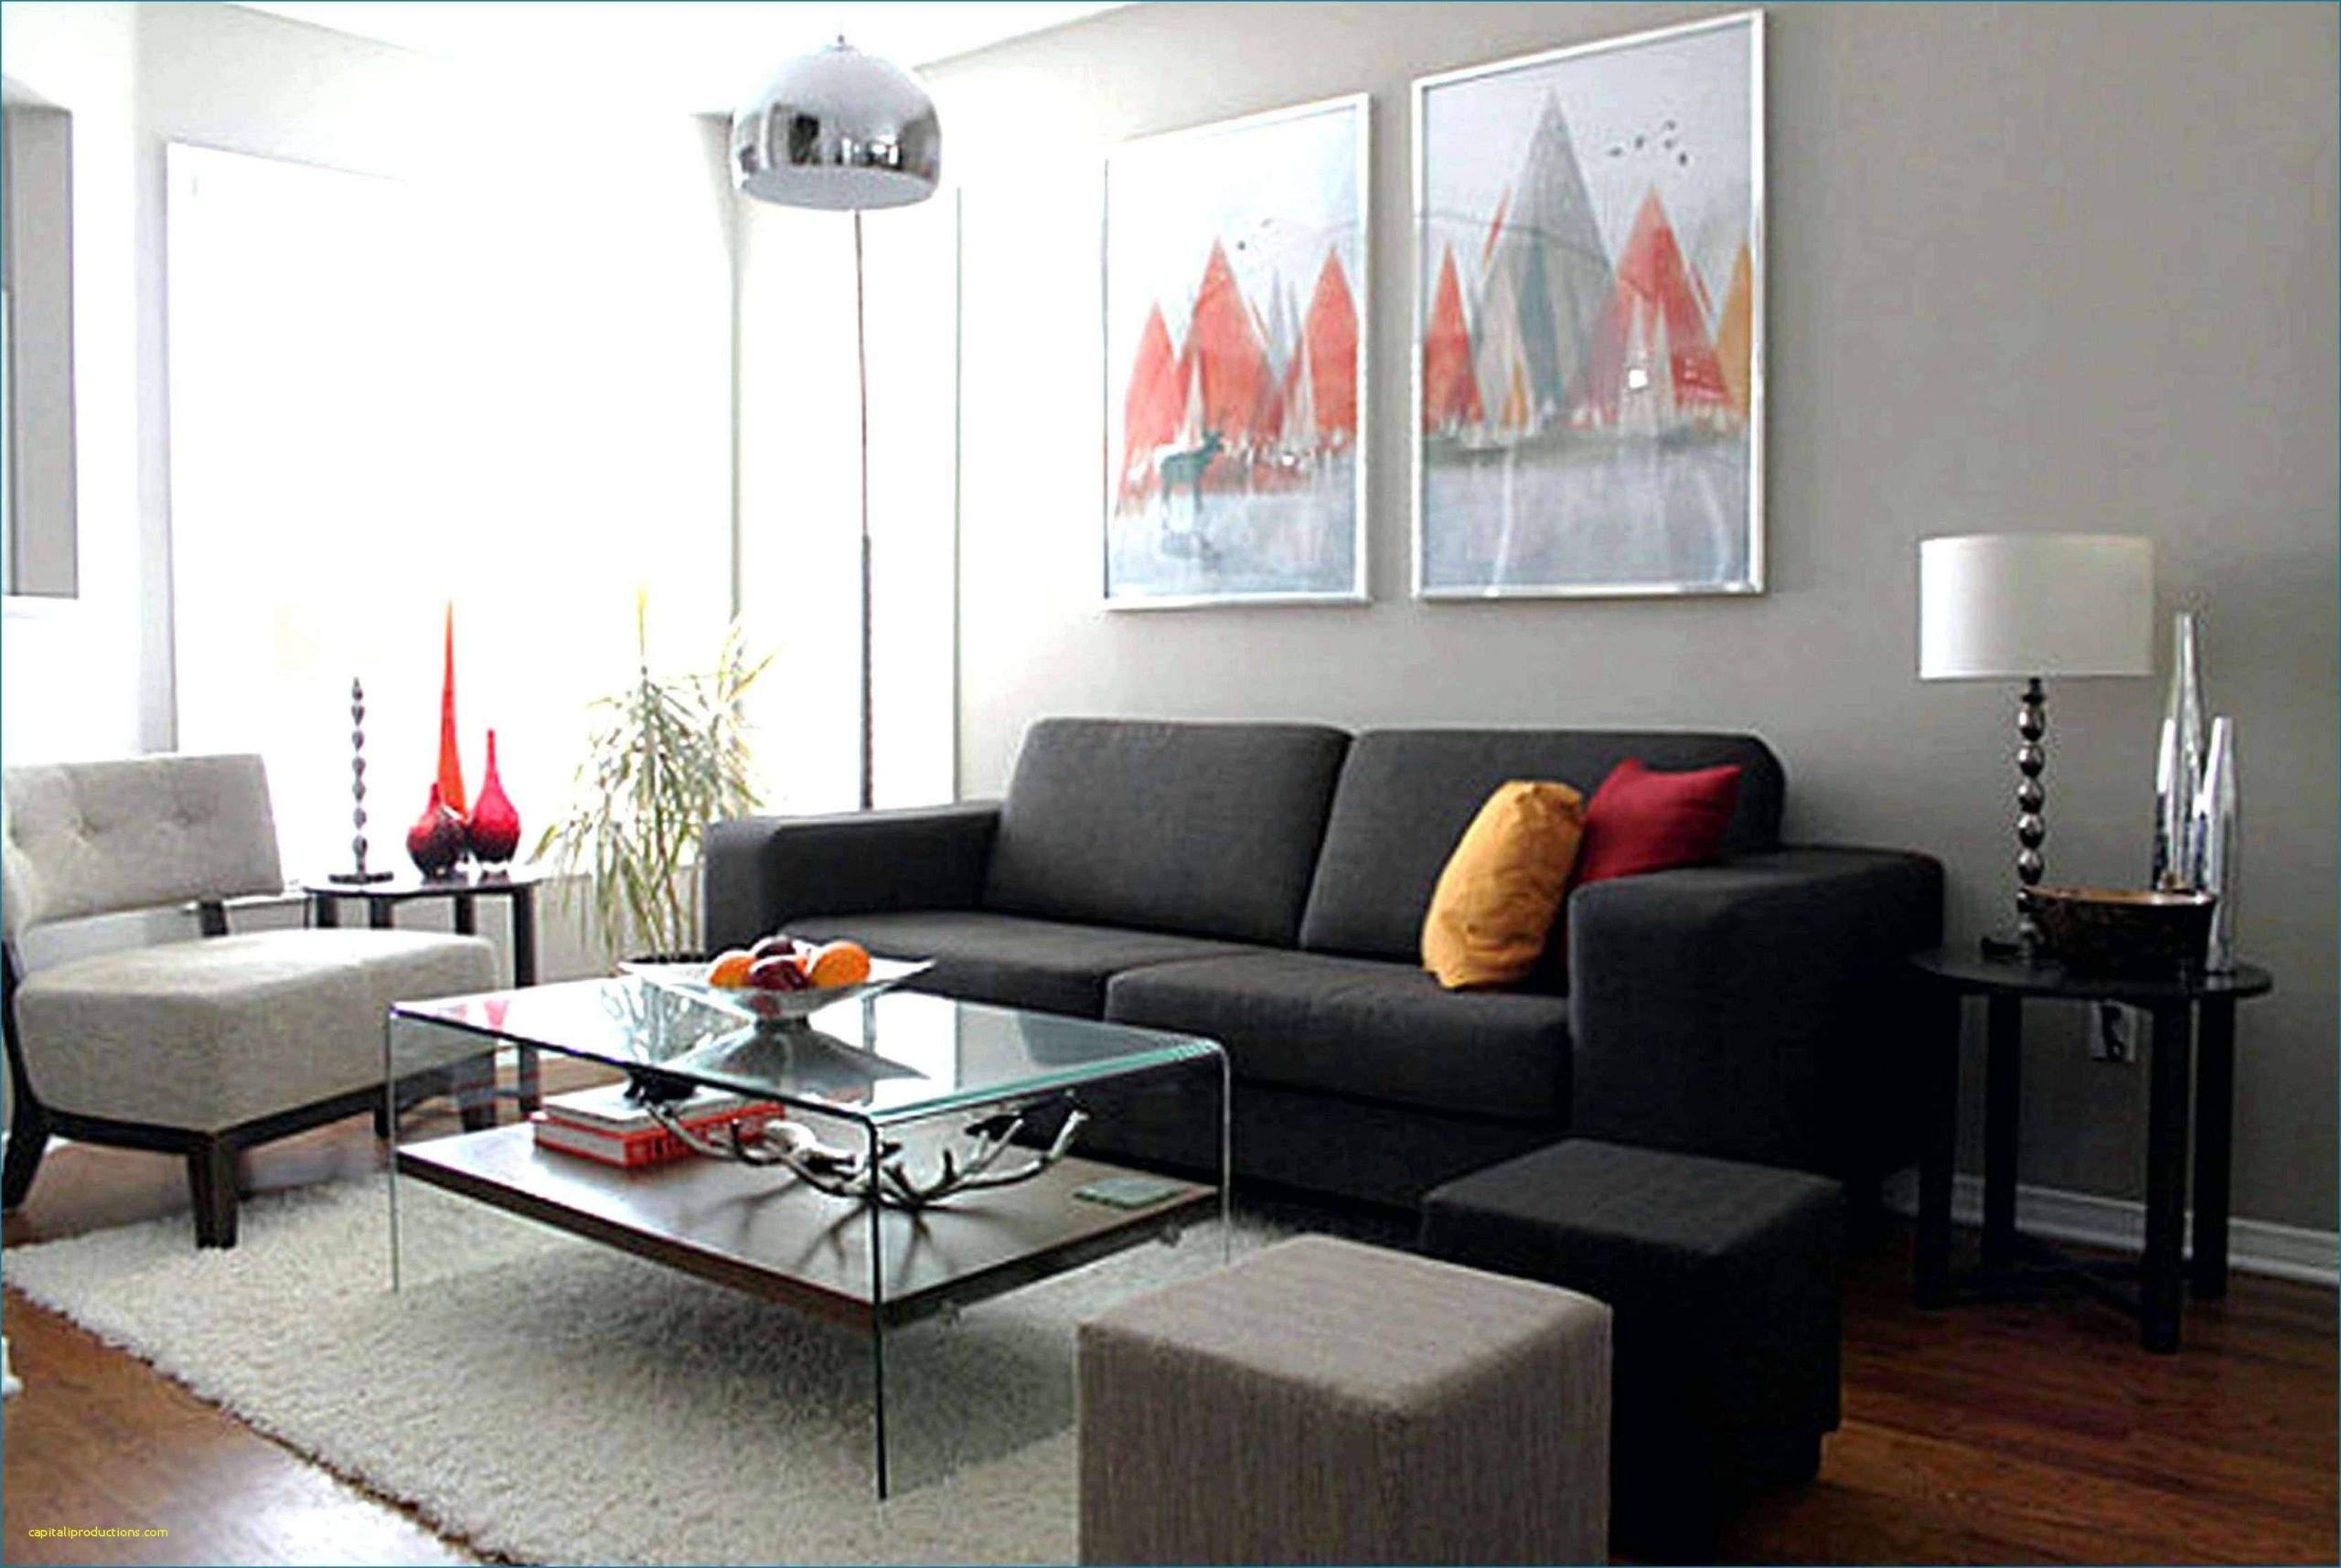 bilder fur das wohnzimmer frisch best vorhange fur wohnzimmer ideen concept of bilder fur das wohnzimmer scaled